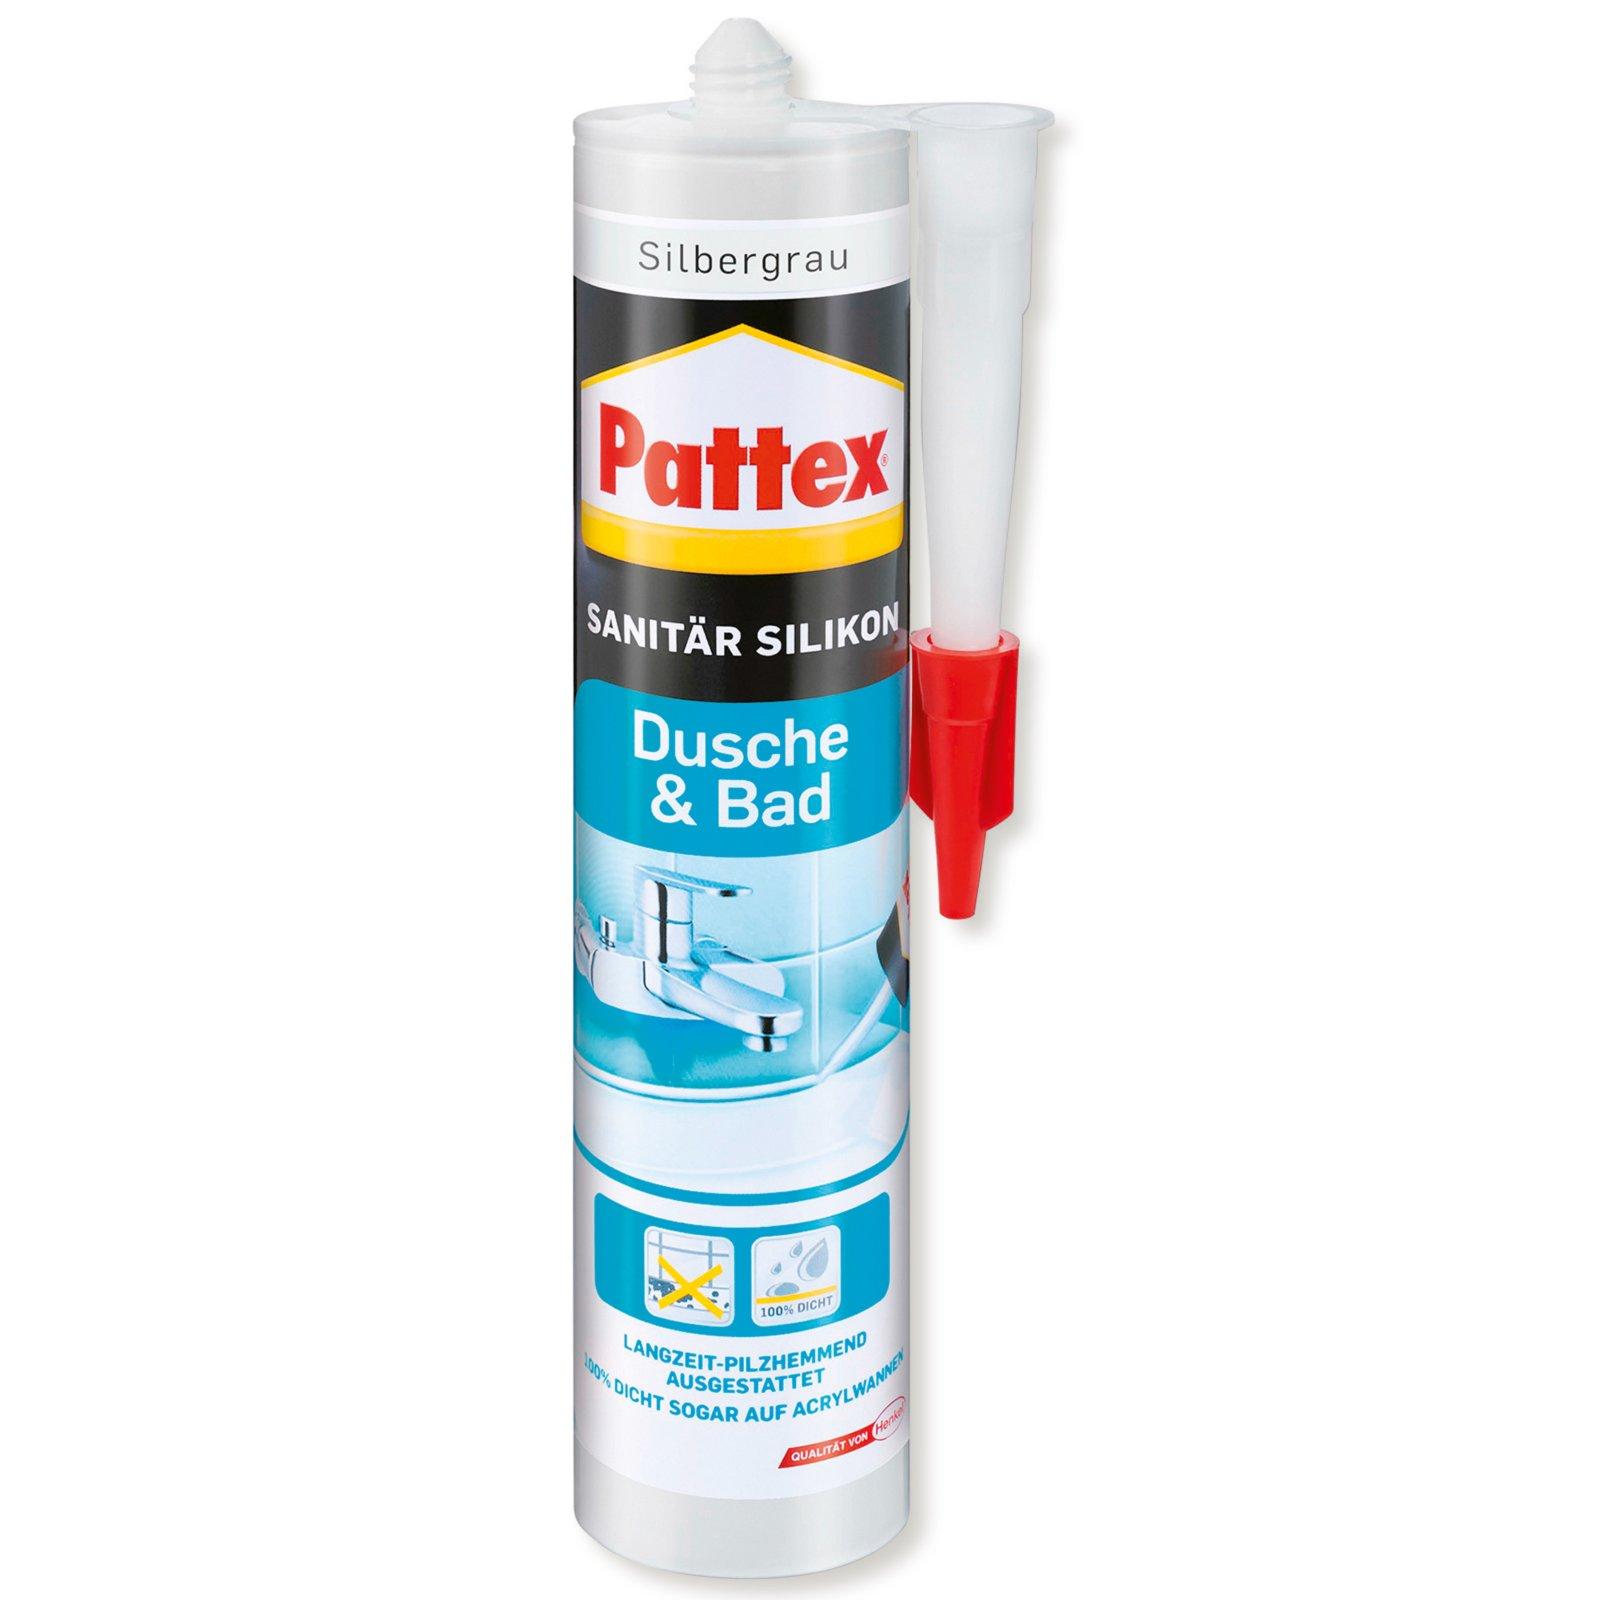 Pattex Sanitär Silikon - silbergrau - 310 g